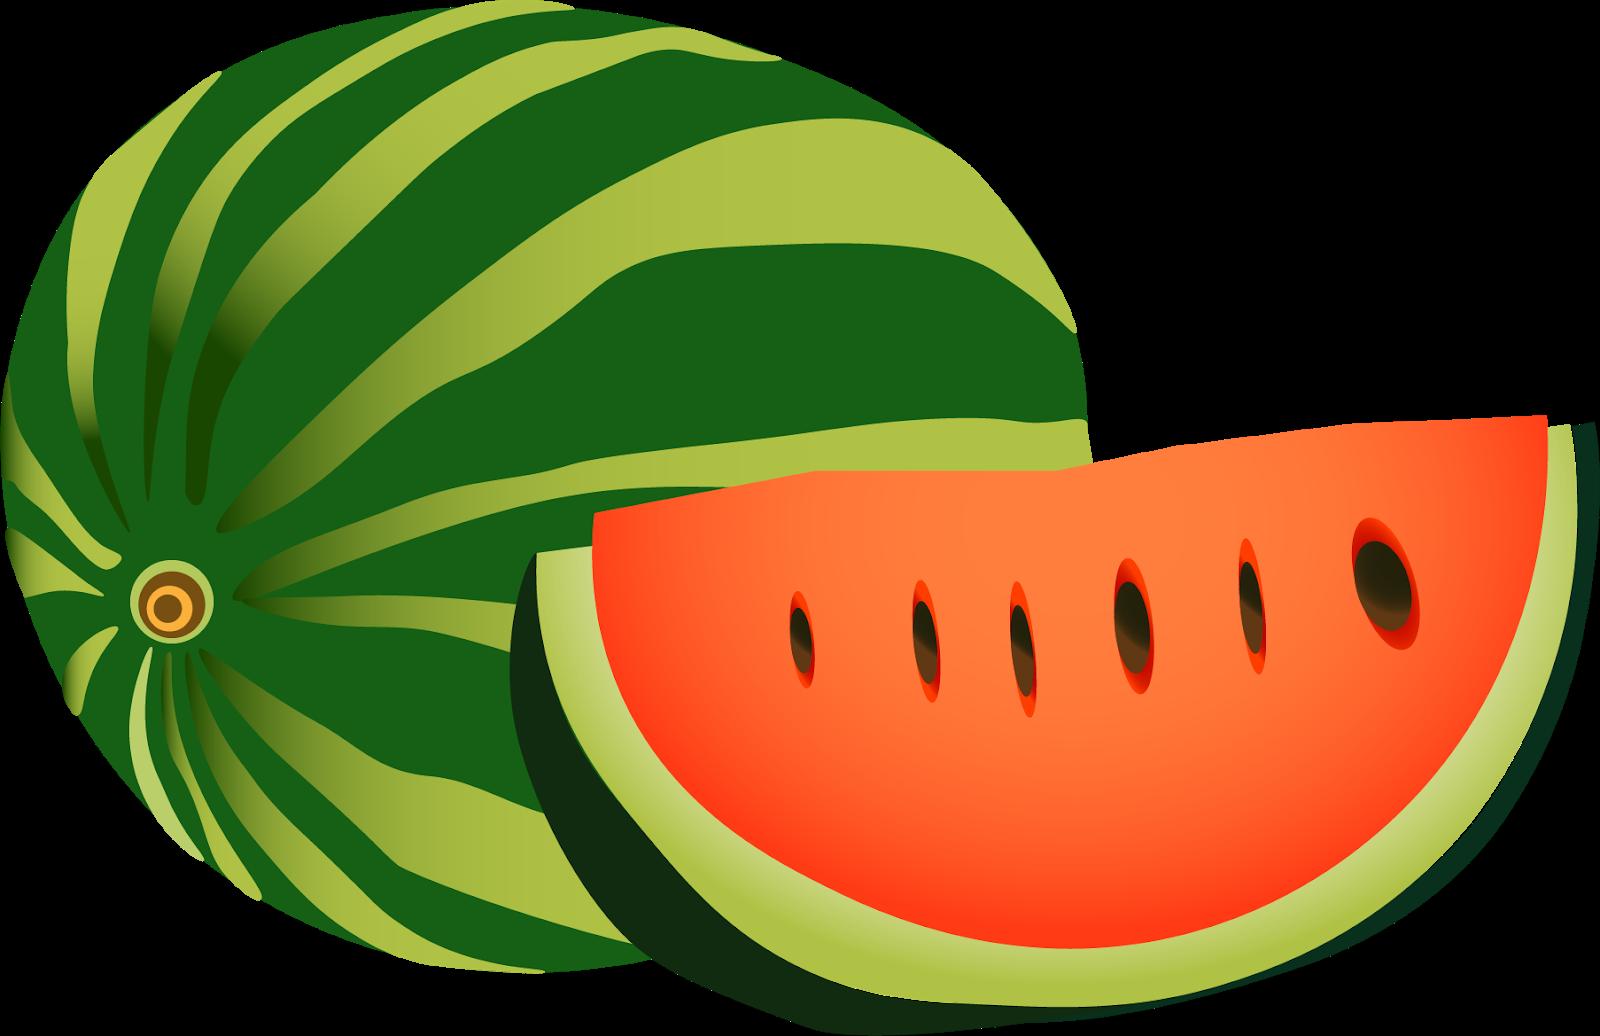 Watermelon transparent clipart